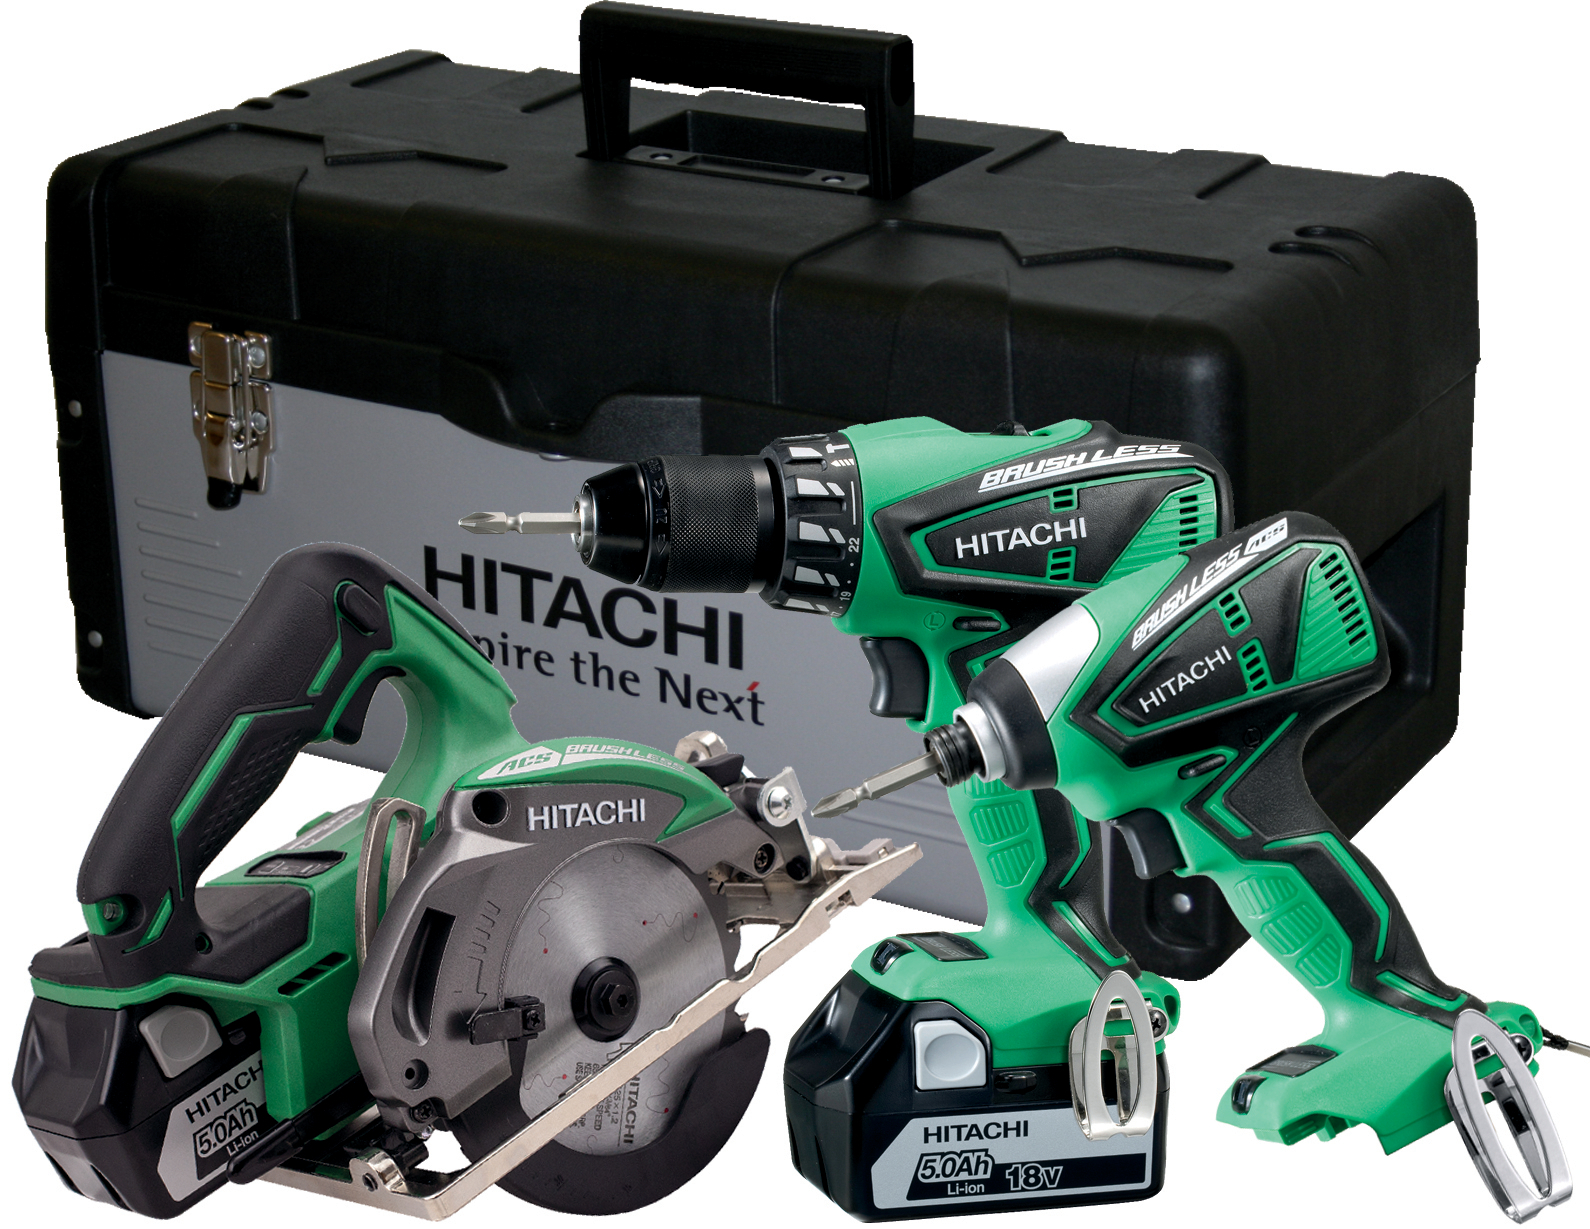 hitachi verktyg kampanj